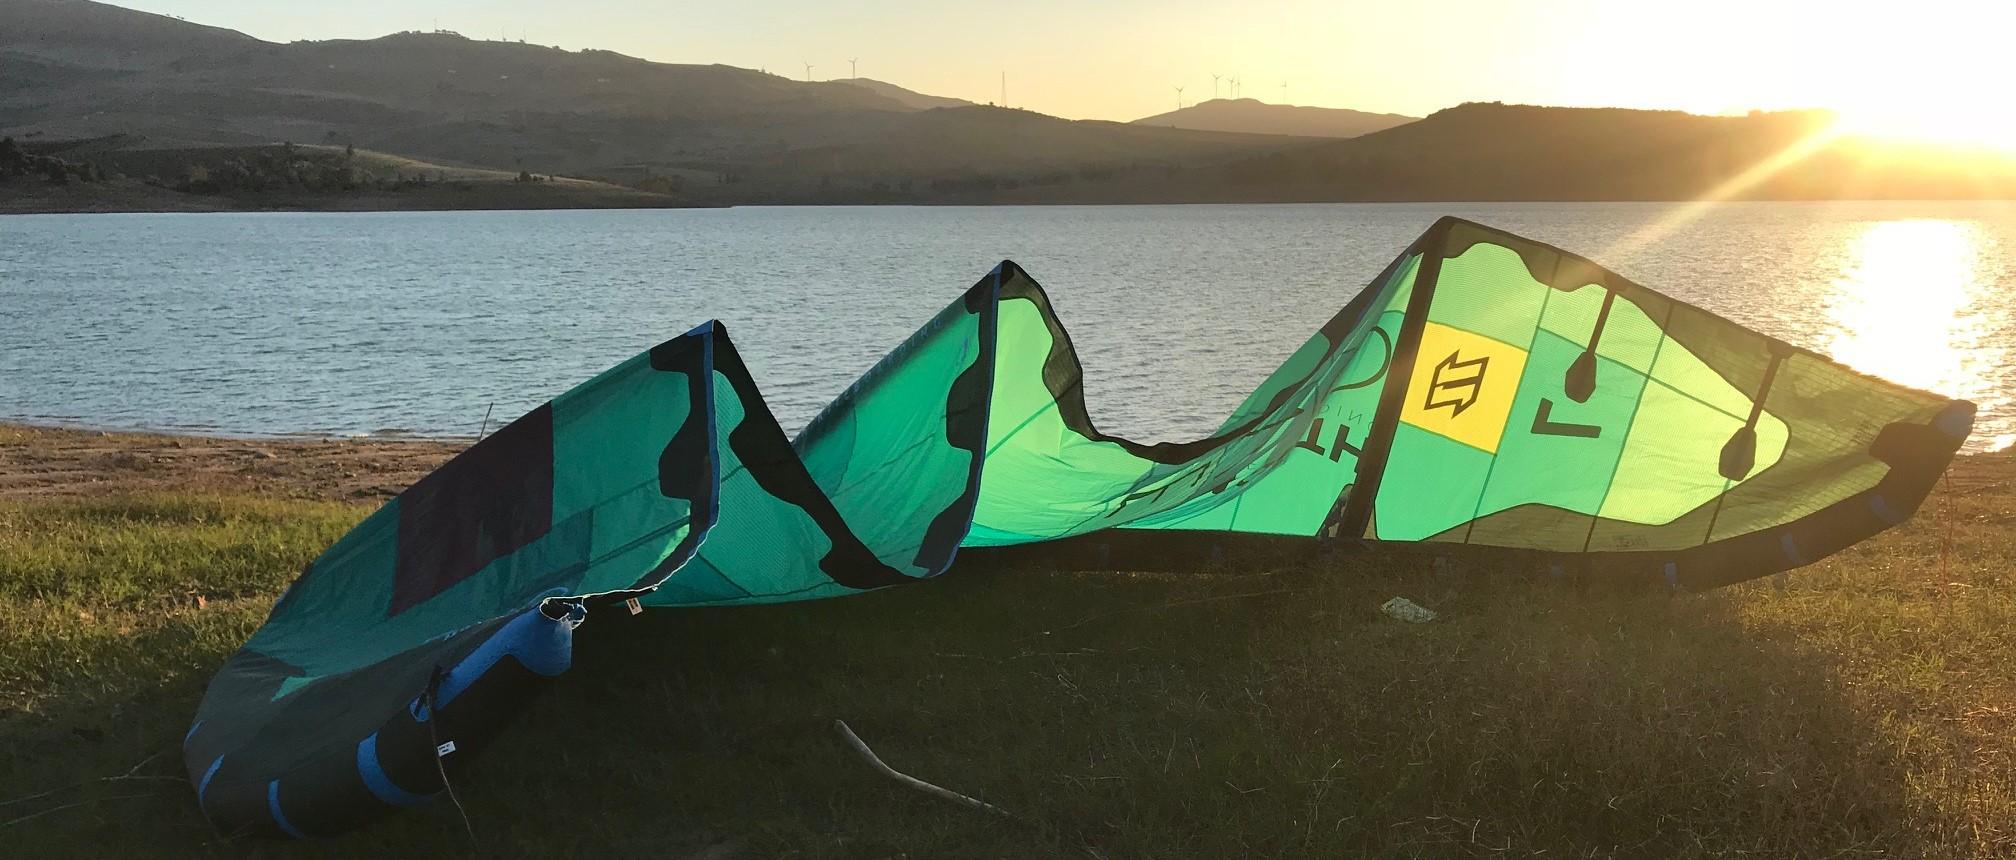 pierwszy sprzęt do kitesurfingu, jaki pierwszy latawiec, kitesurfing dla początkujących